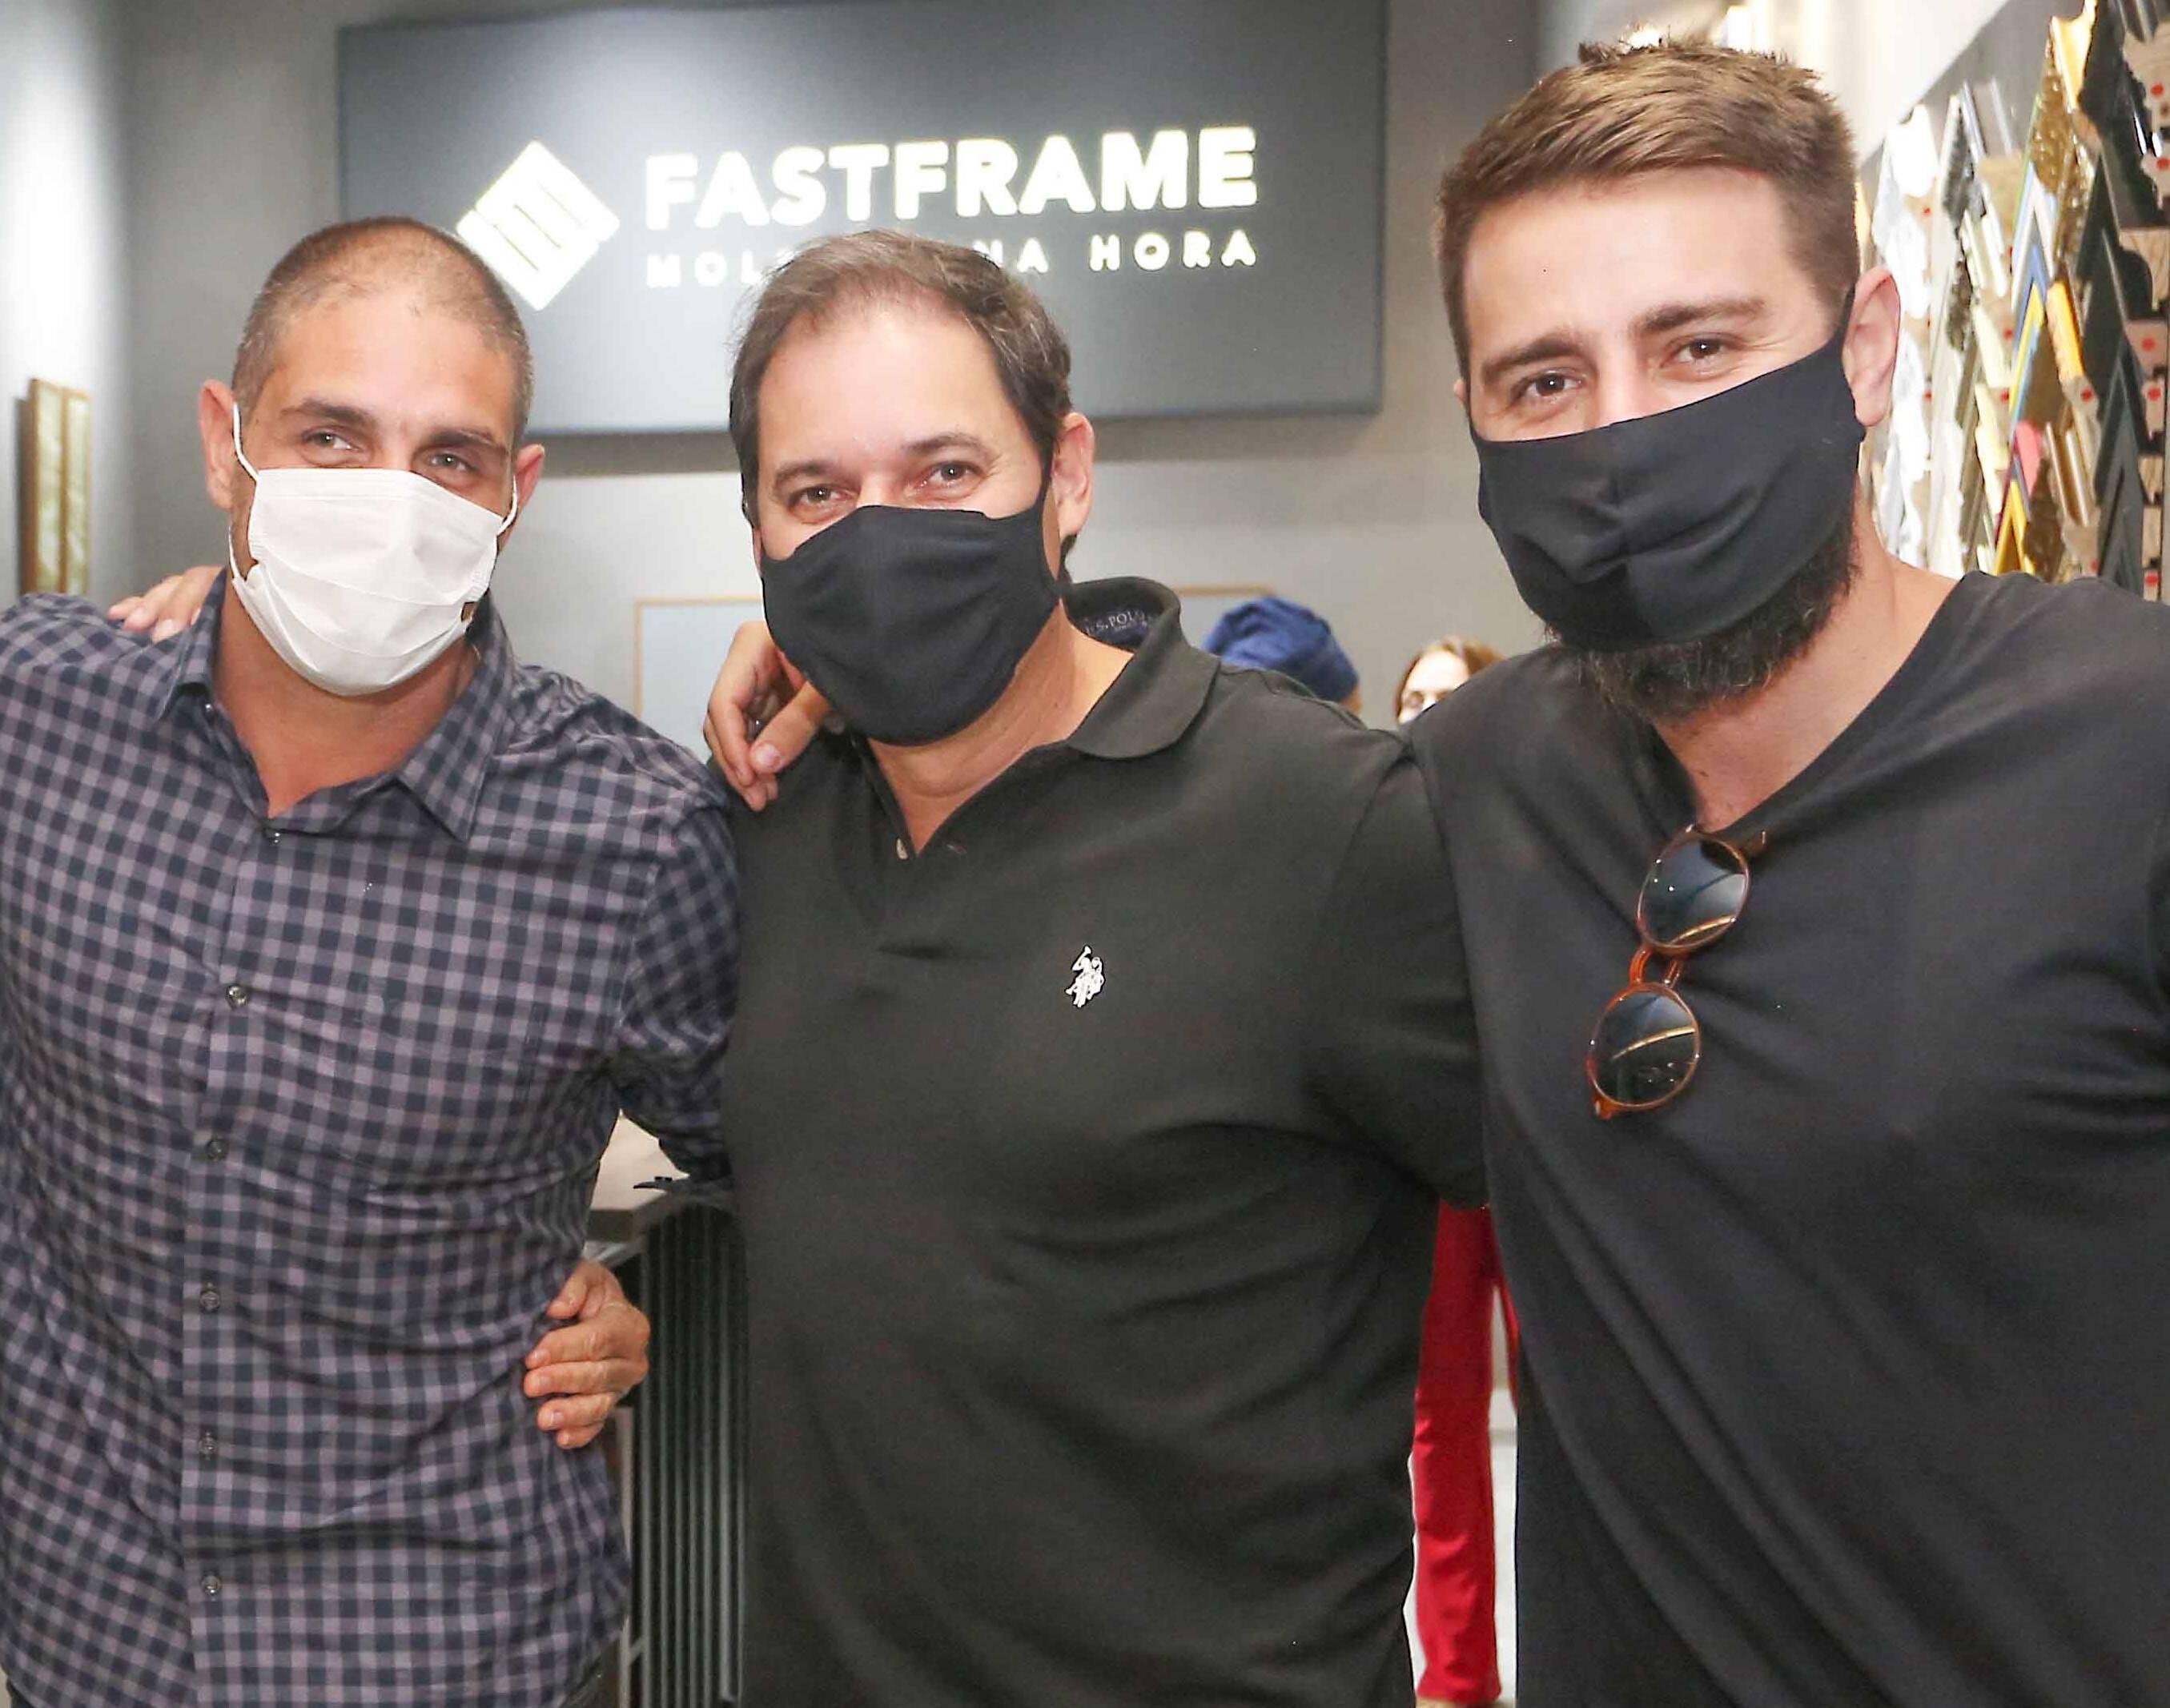 Ari Kaye, Rodolfo Moraes e Pedro Benoliel /Foto: Reginaldo Teixeira